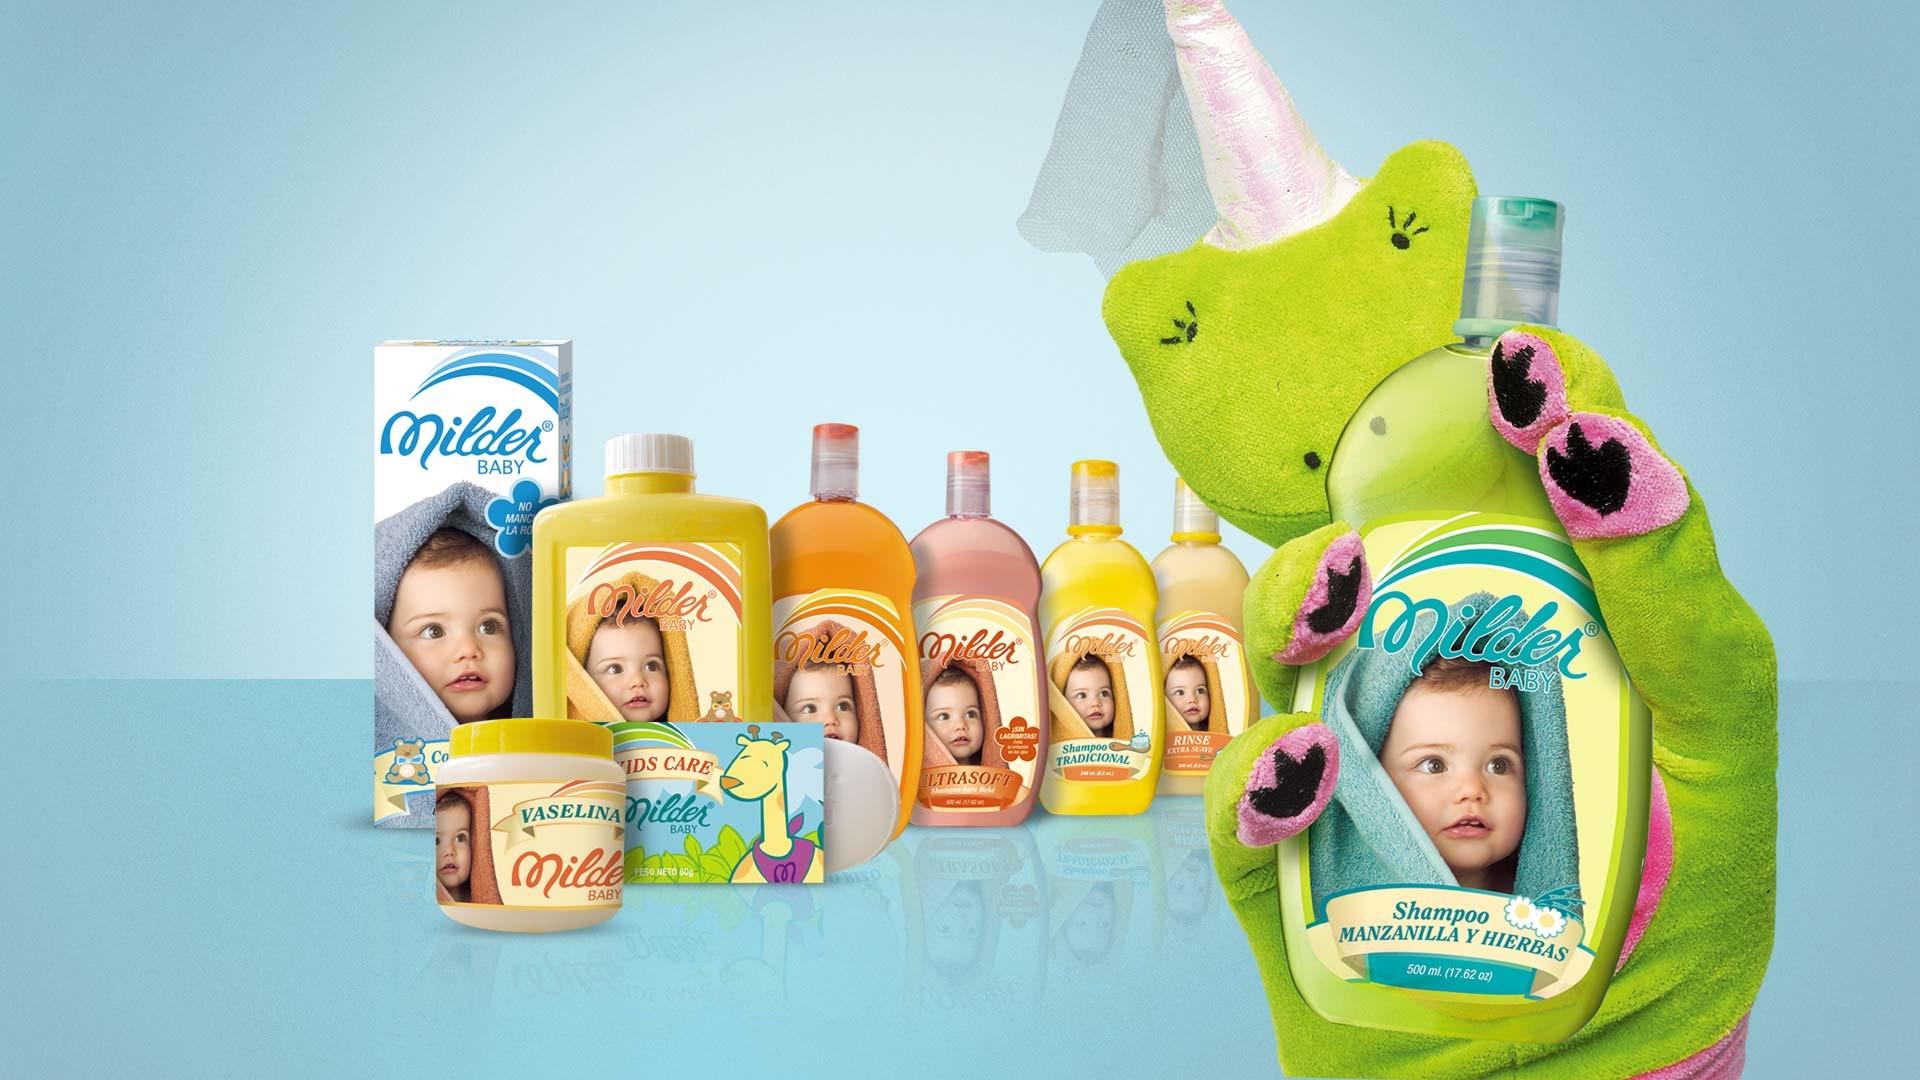 milder_baby_shampoo